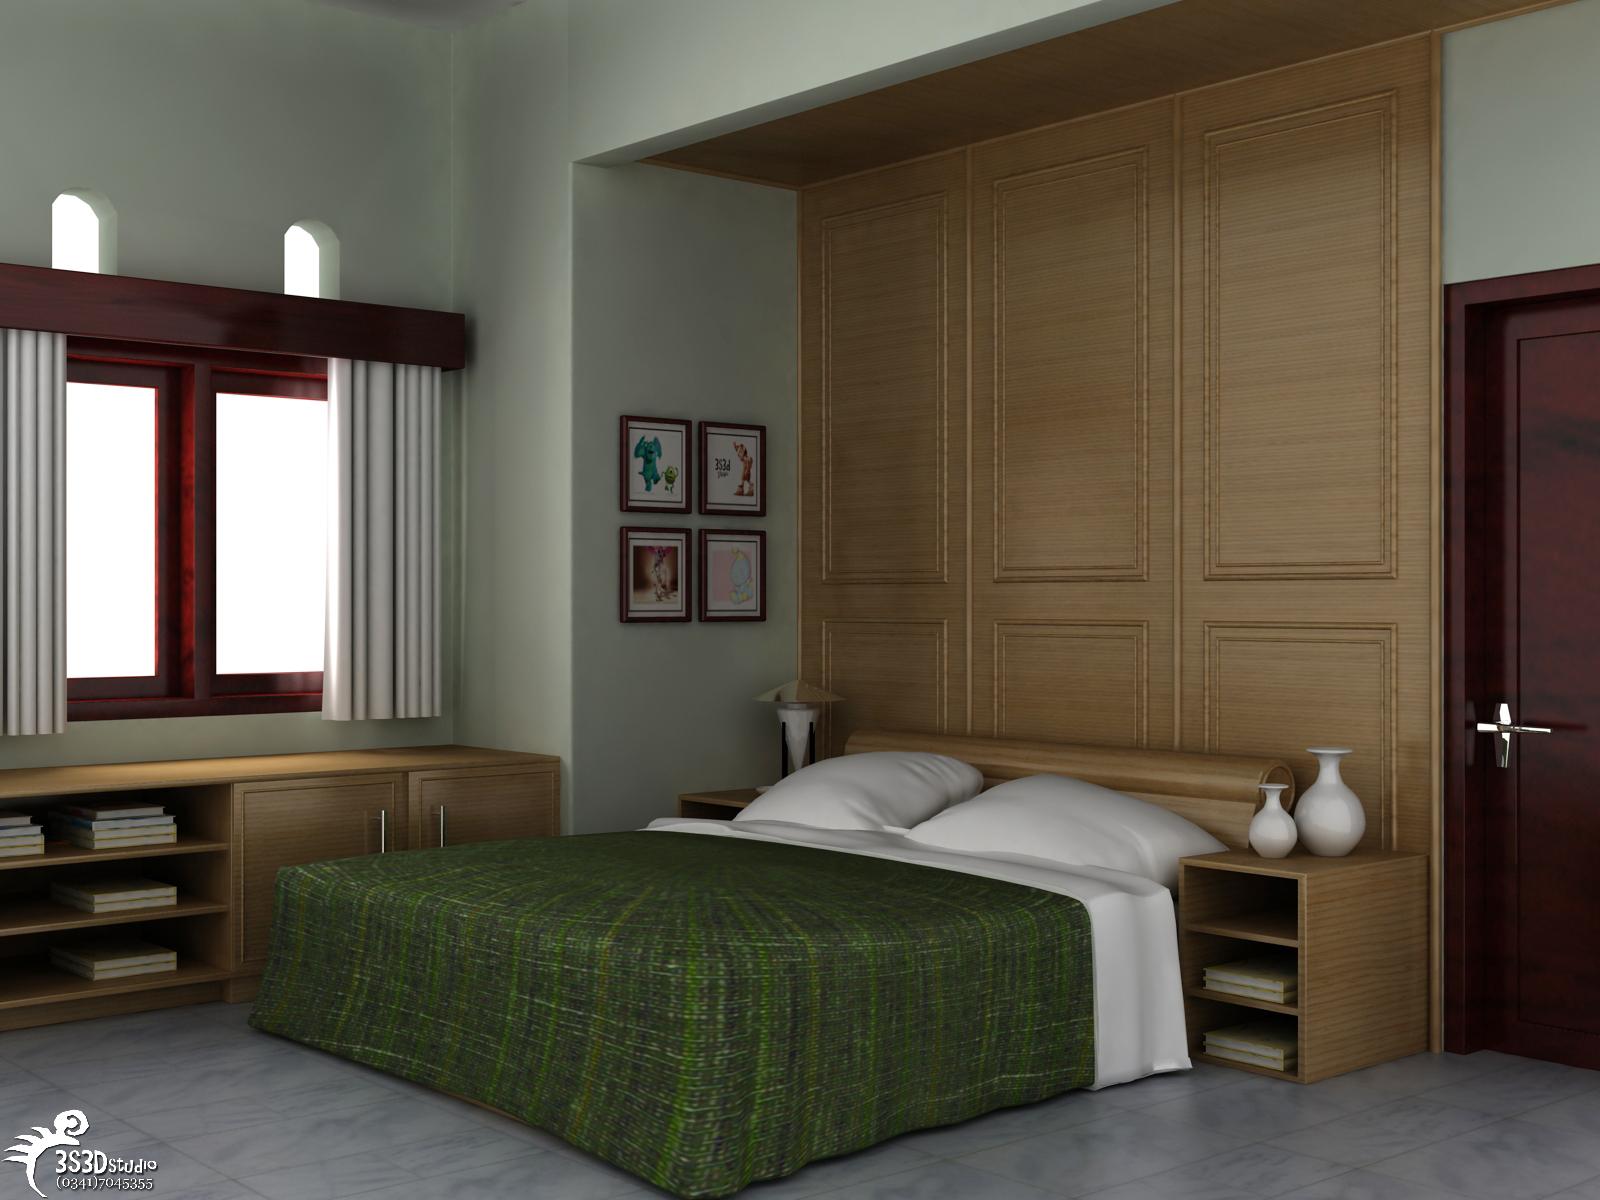 Design interior rumah interior kamar tidur 1 for Interior decoration rumah